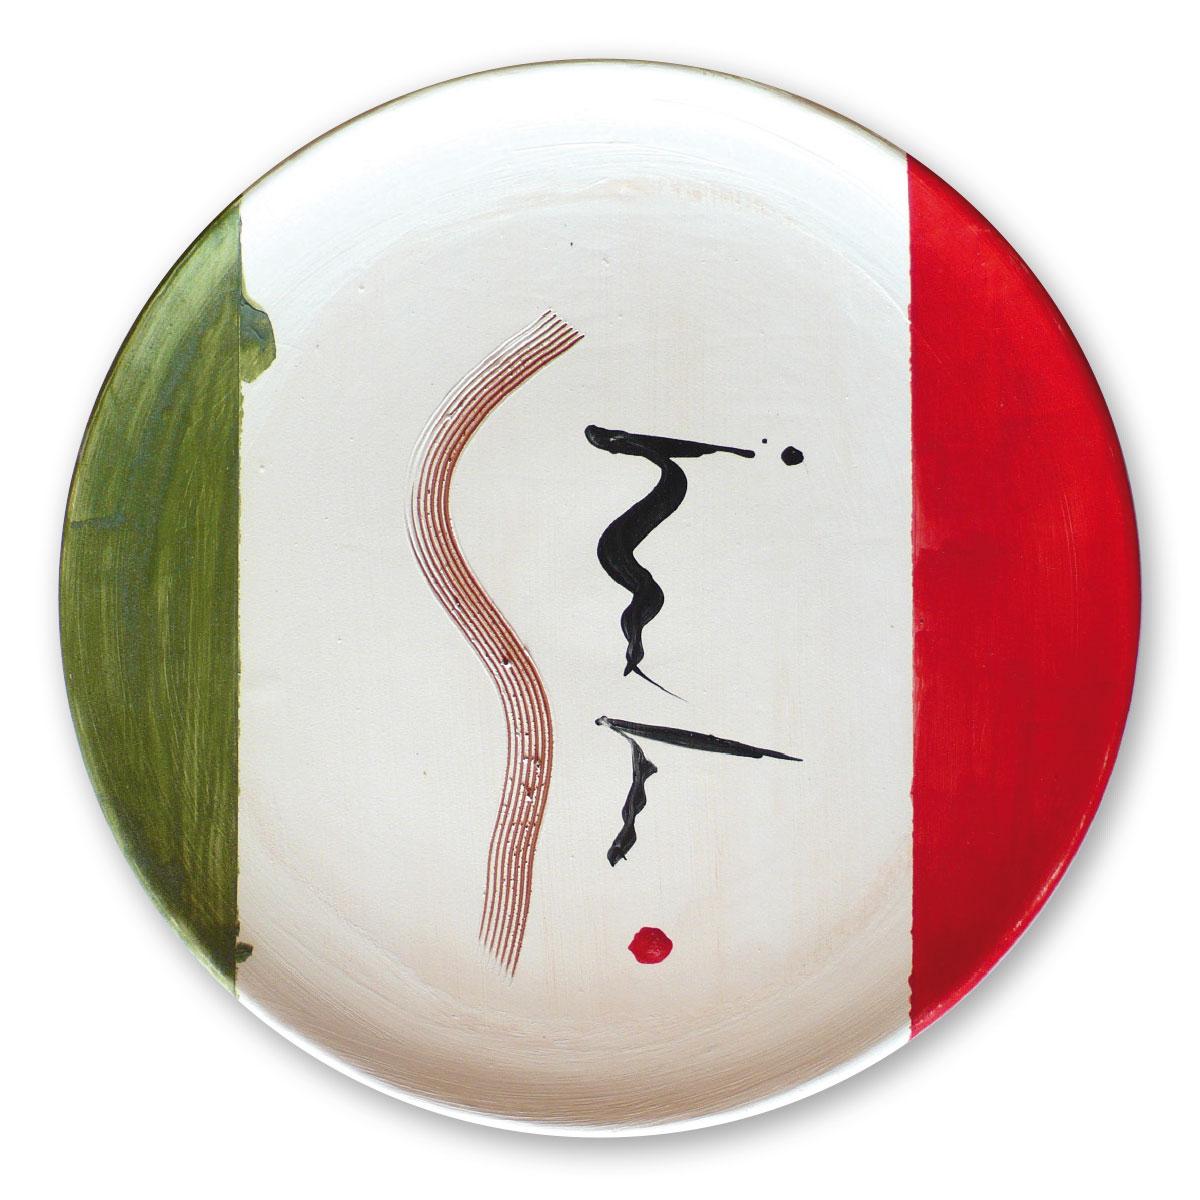 L'opera dell'artista Eugenio Lanfranco acquisita dal Museo a cielo aperto di Denice, dedicato alla ceramica contemporanea